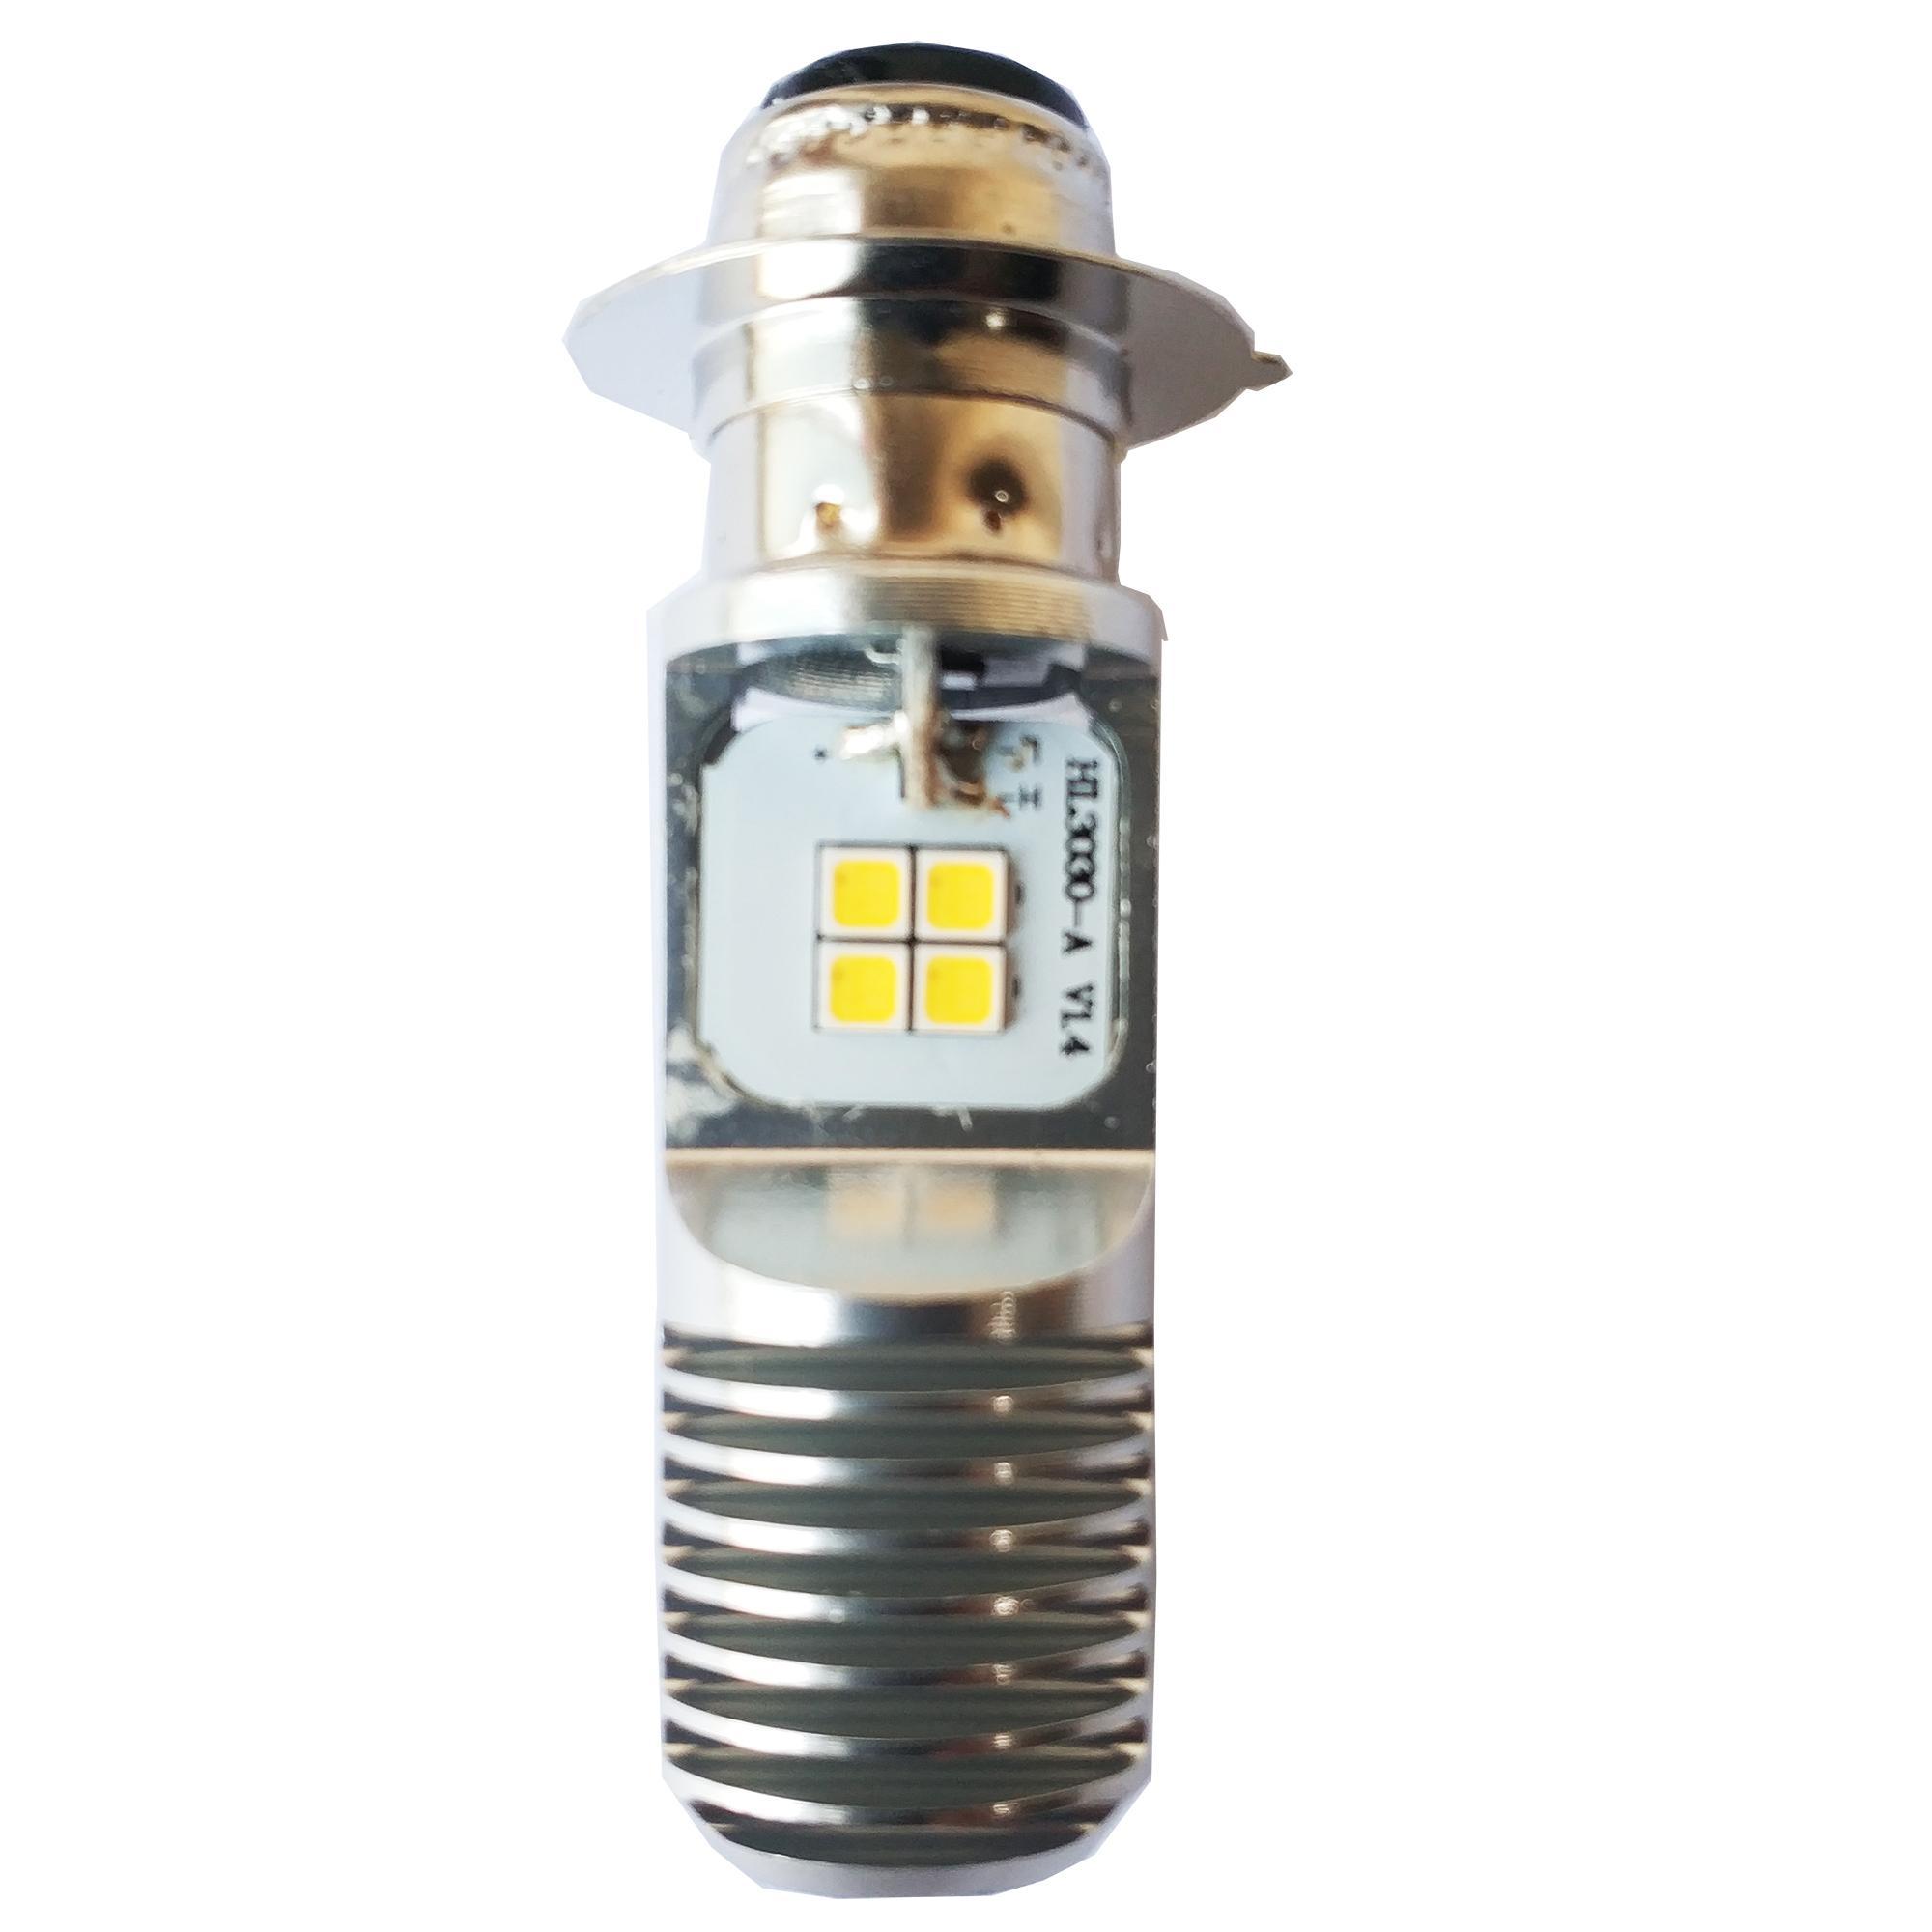 Jual Lampu Osram Terlengkap & Termurah | Lazada.co.id